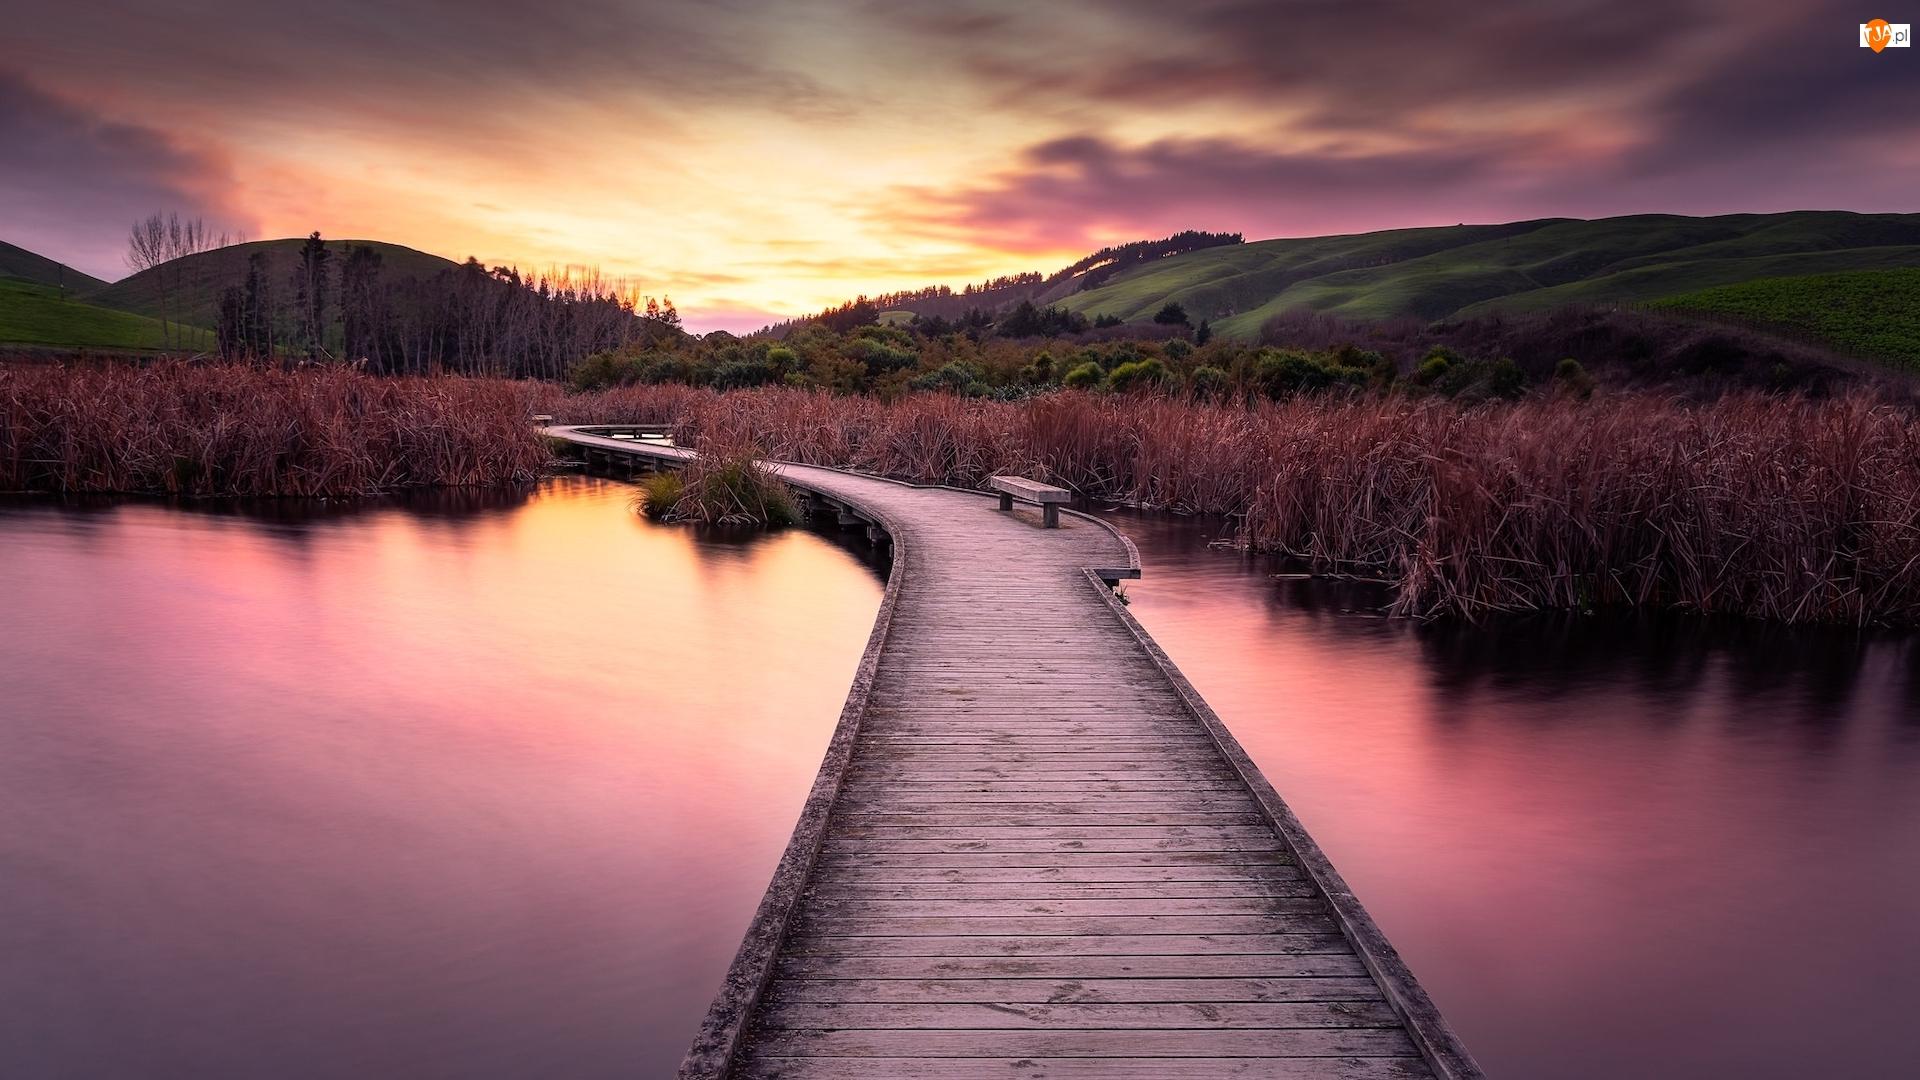 Bagno, Pekapeka Wetlands, Poukawa, Wzgórza, Pomost, Hawkes Bay, Rezerwat przyrody, Wschód słońca, Trzciny, Mokradło, Nowa Zelandia